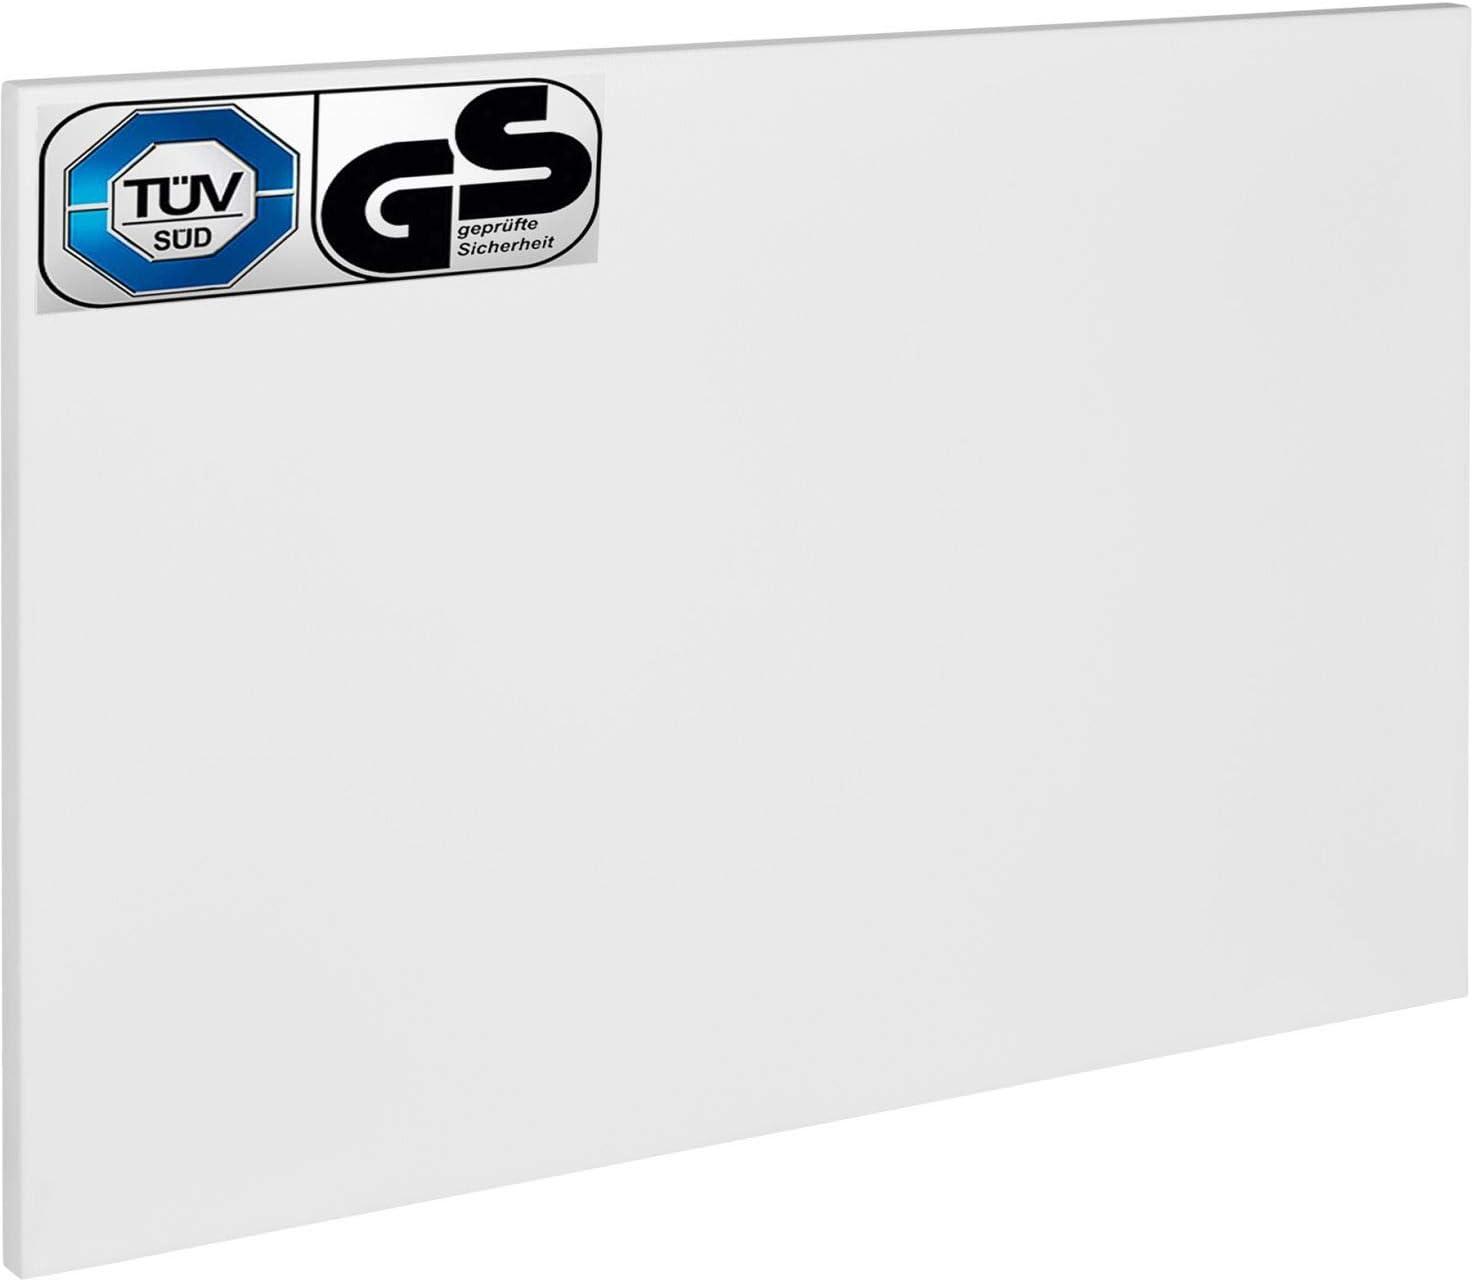 Calefacción por infrarrojos de 700 W, calefacción eléctrica de pared, calefacción de techo, radiador con certificado TÜV.